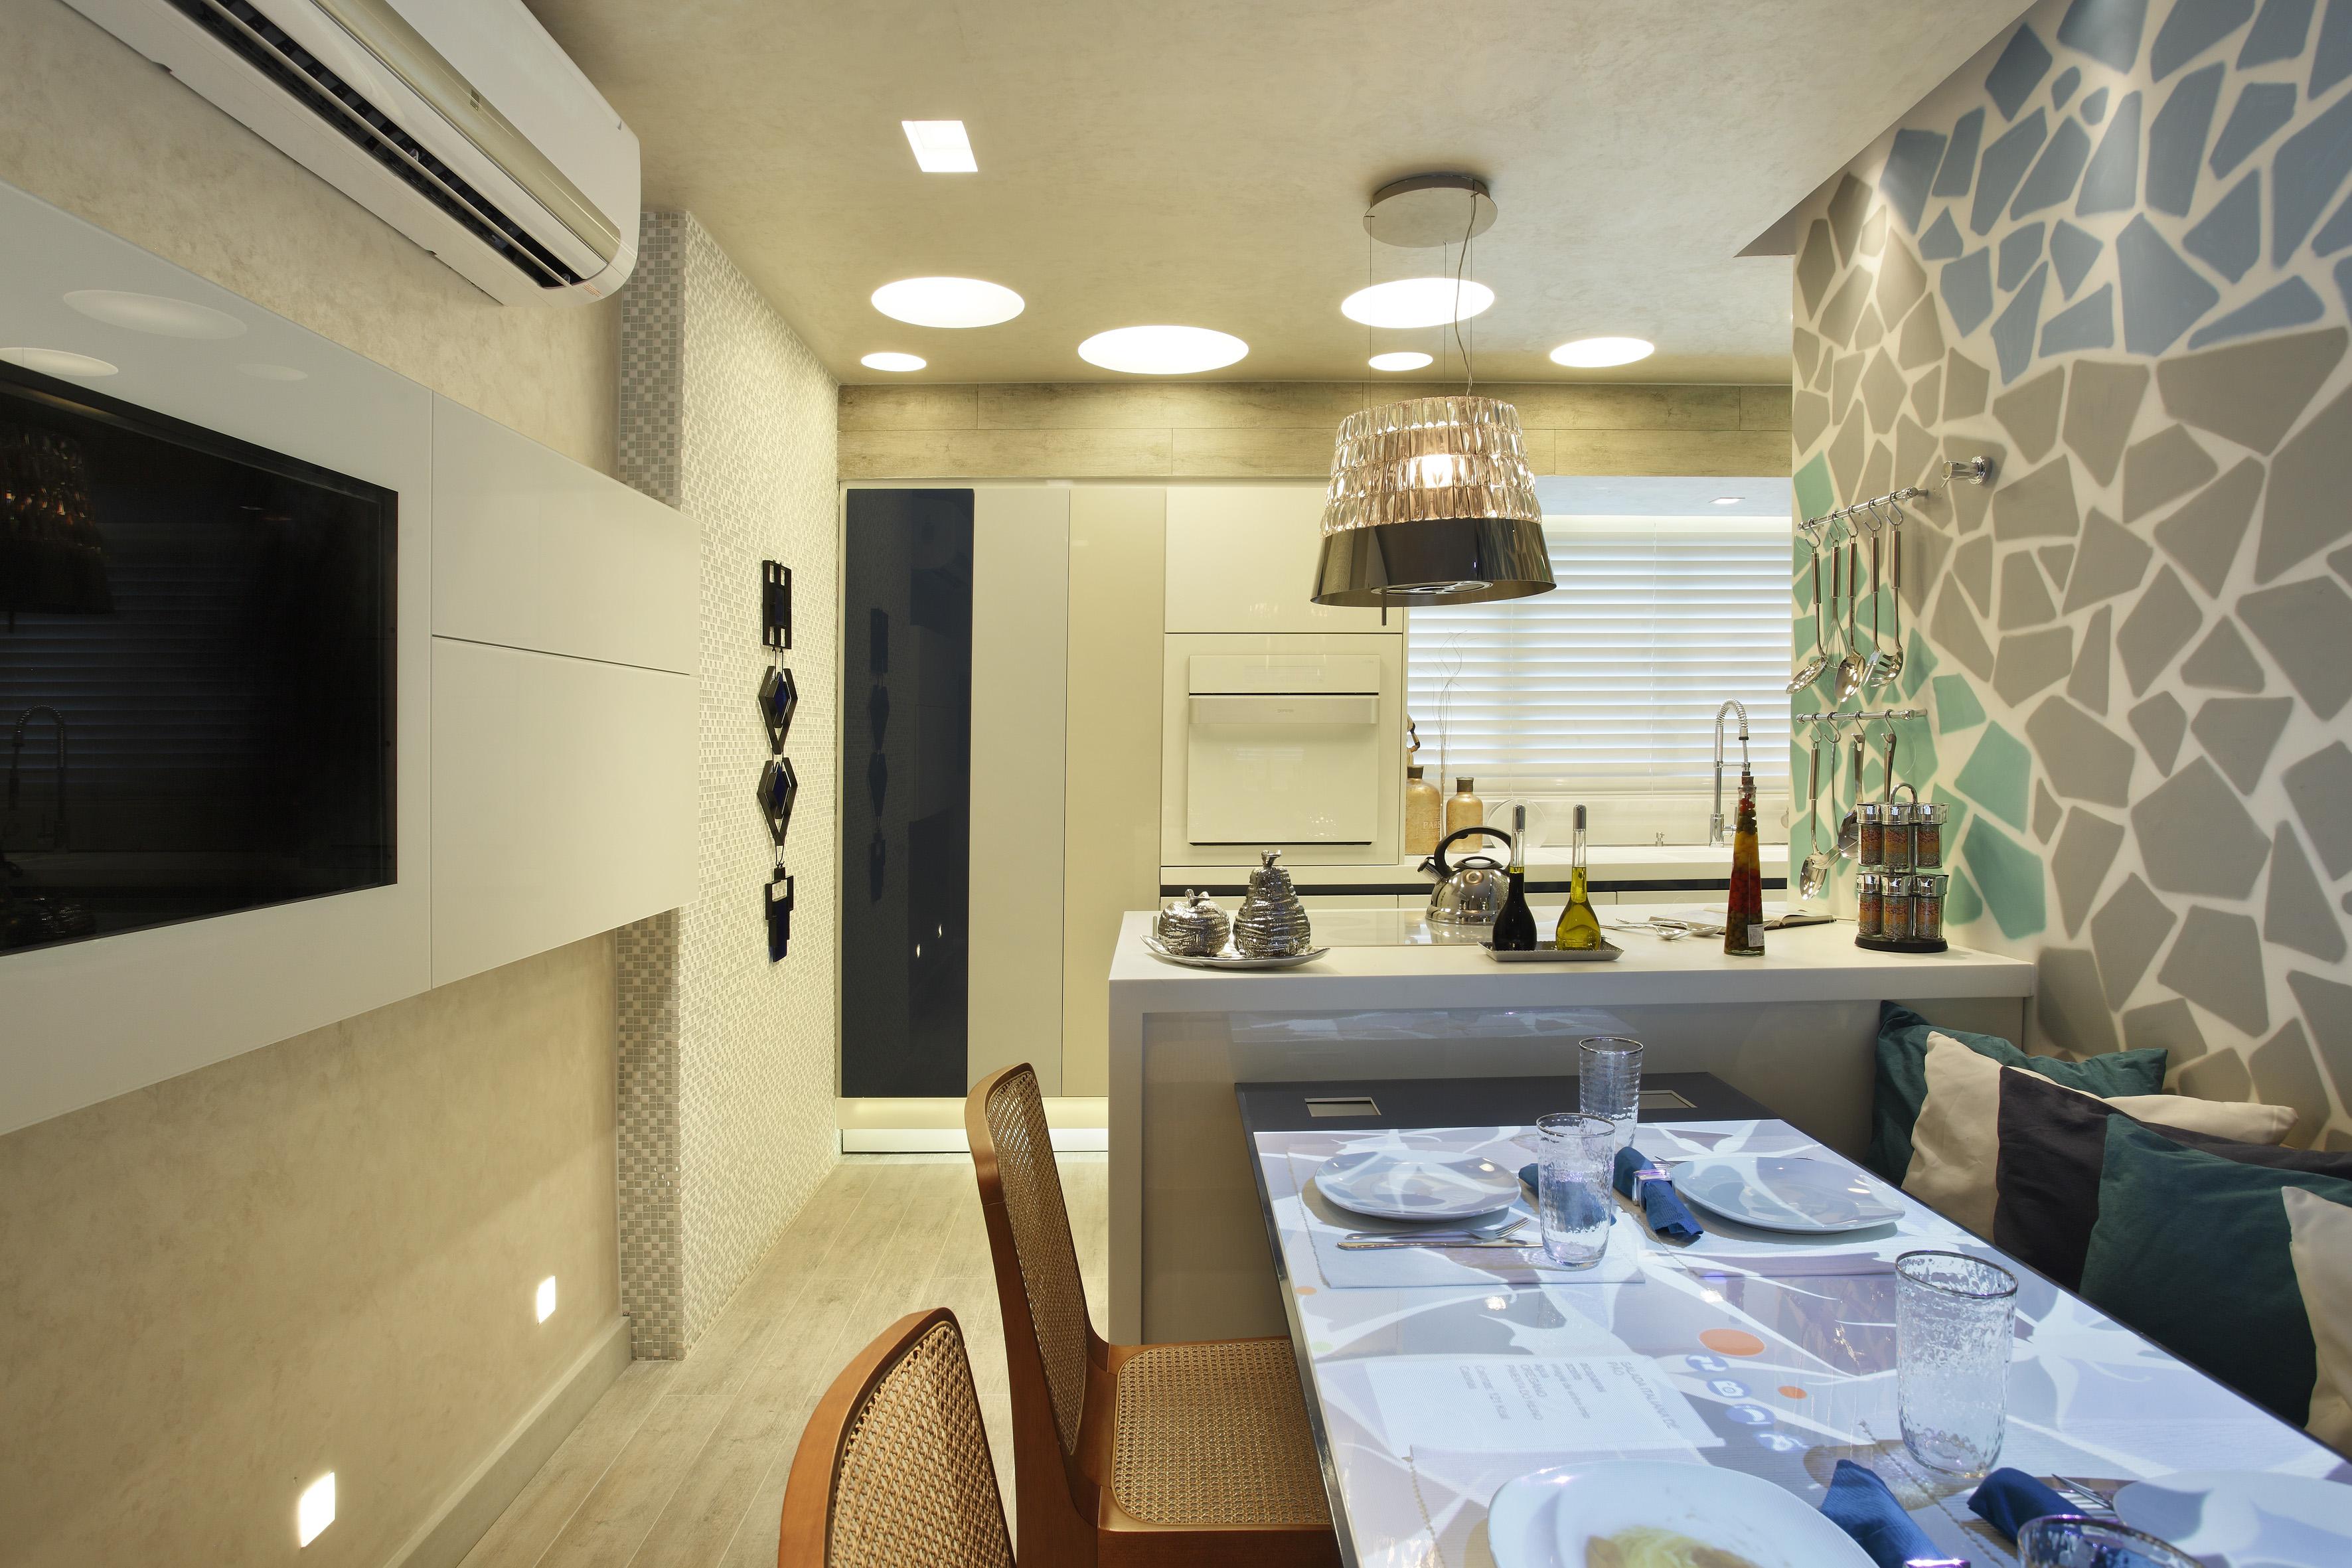 de cozinha decorada casa cor projeto de iluminação de cozinha.jpg #956836 3543 2362